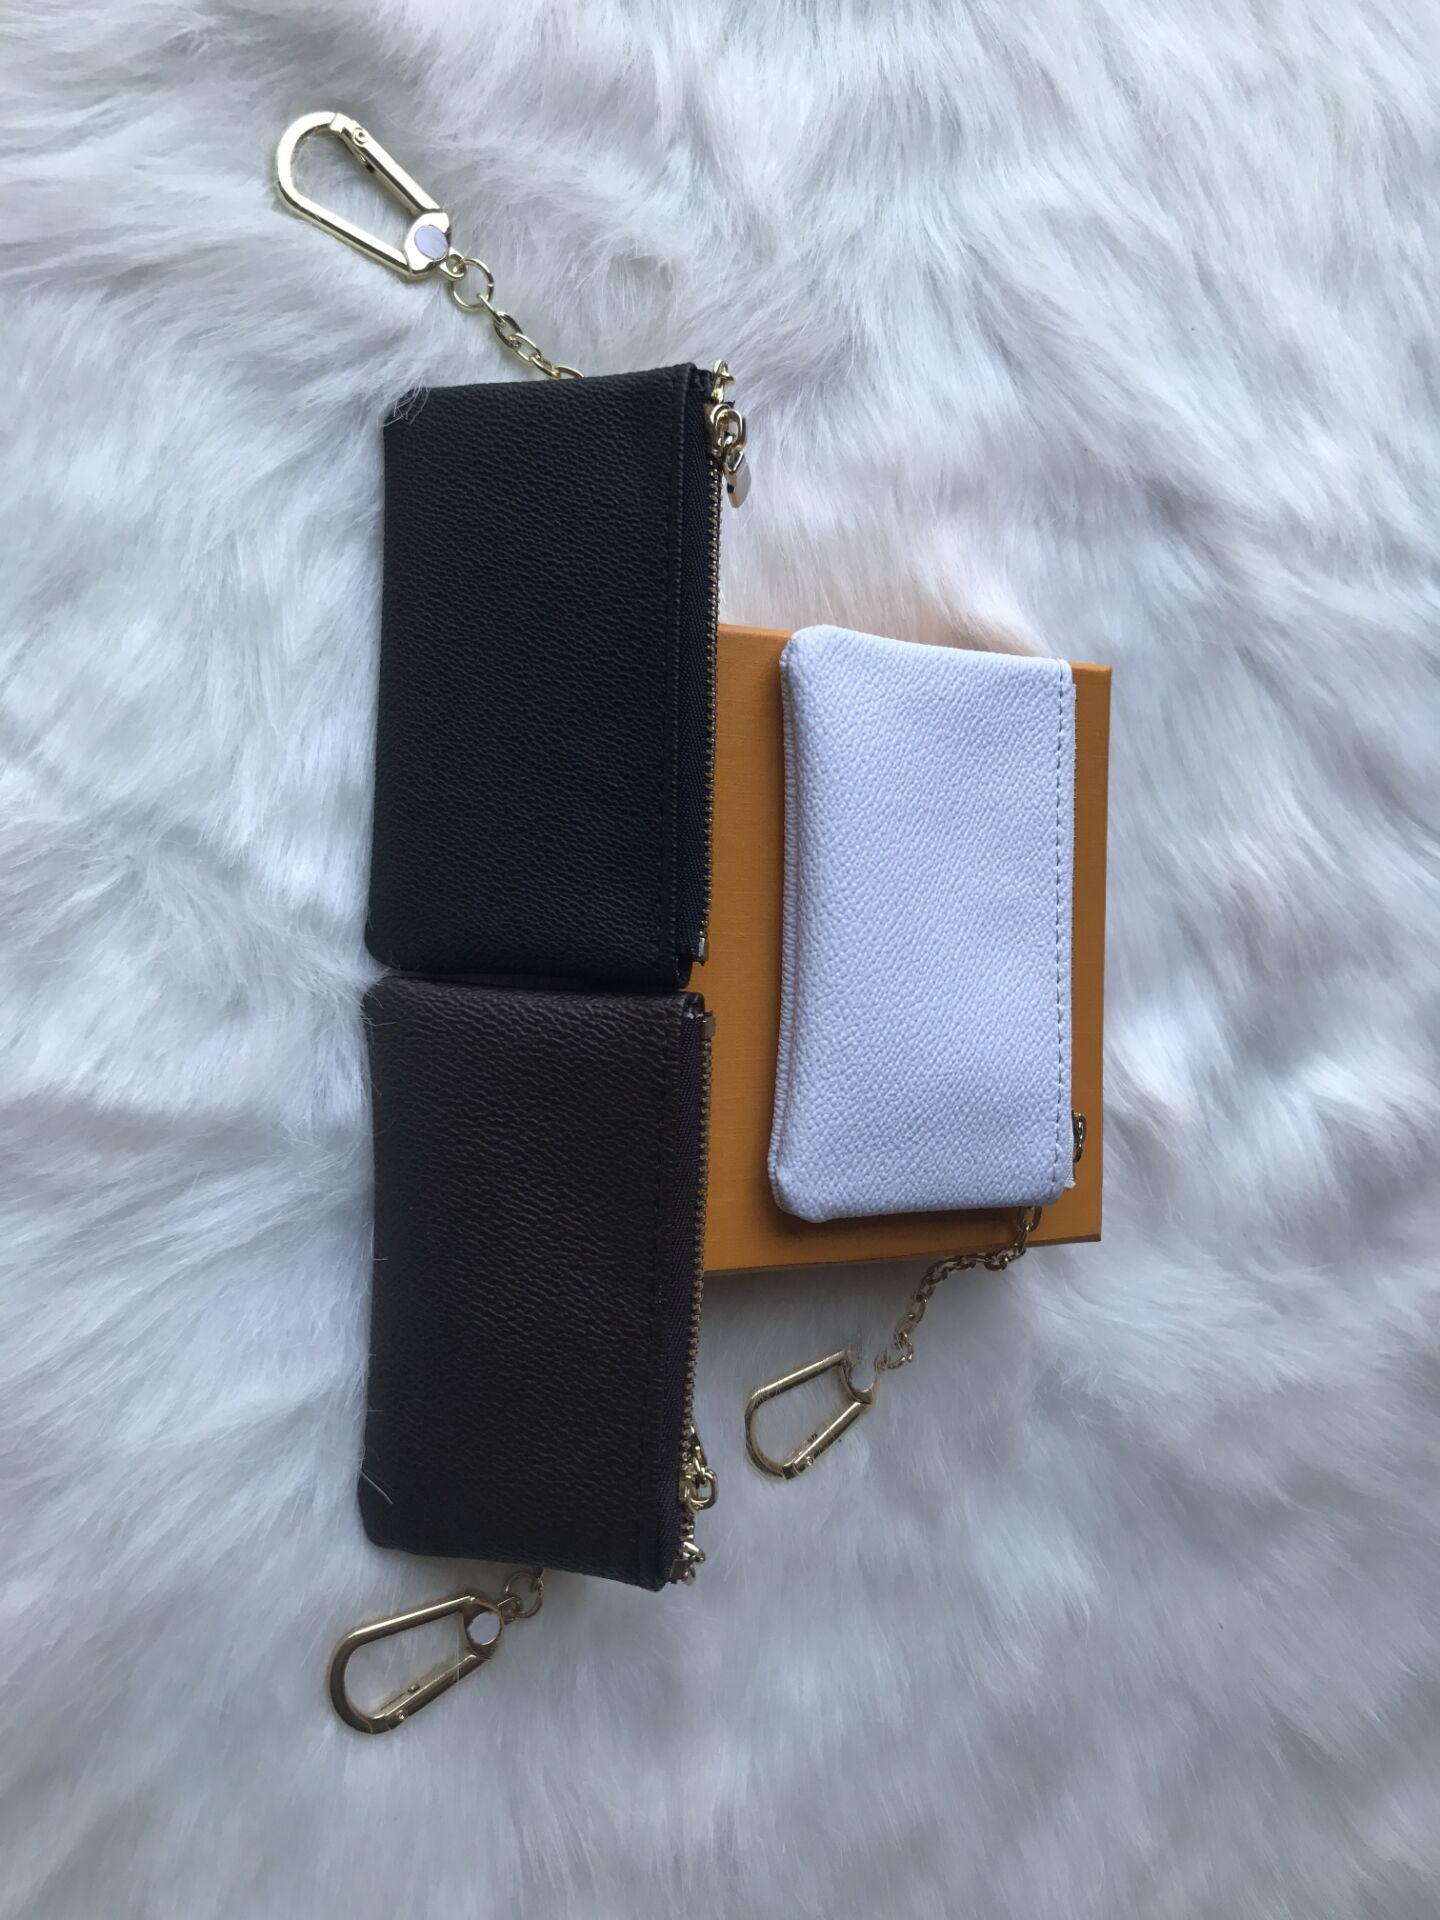 fashionr KEY МЕШОК Damier кожа имеет высокое качество известных классических женщин конструктора ключей держатель Портмоне кожгалантереи мешок